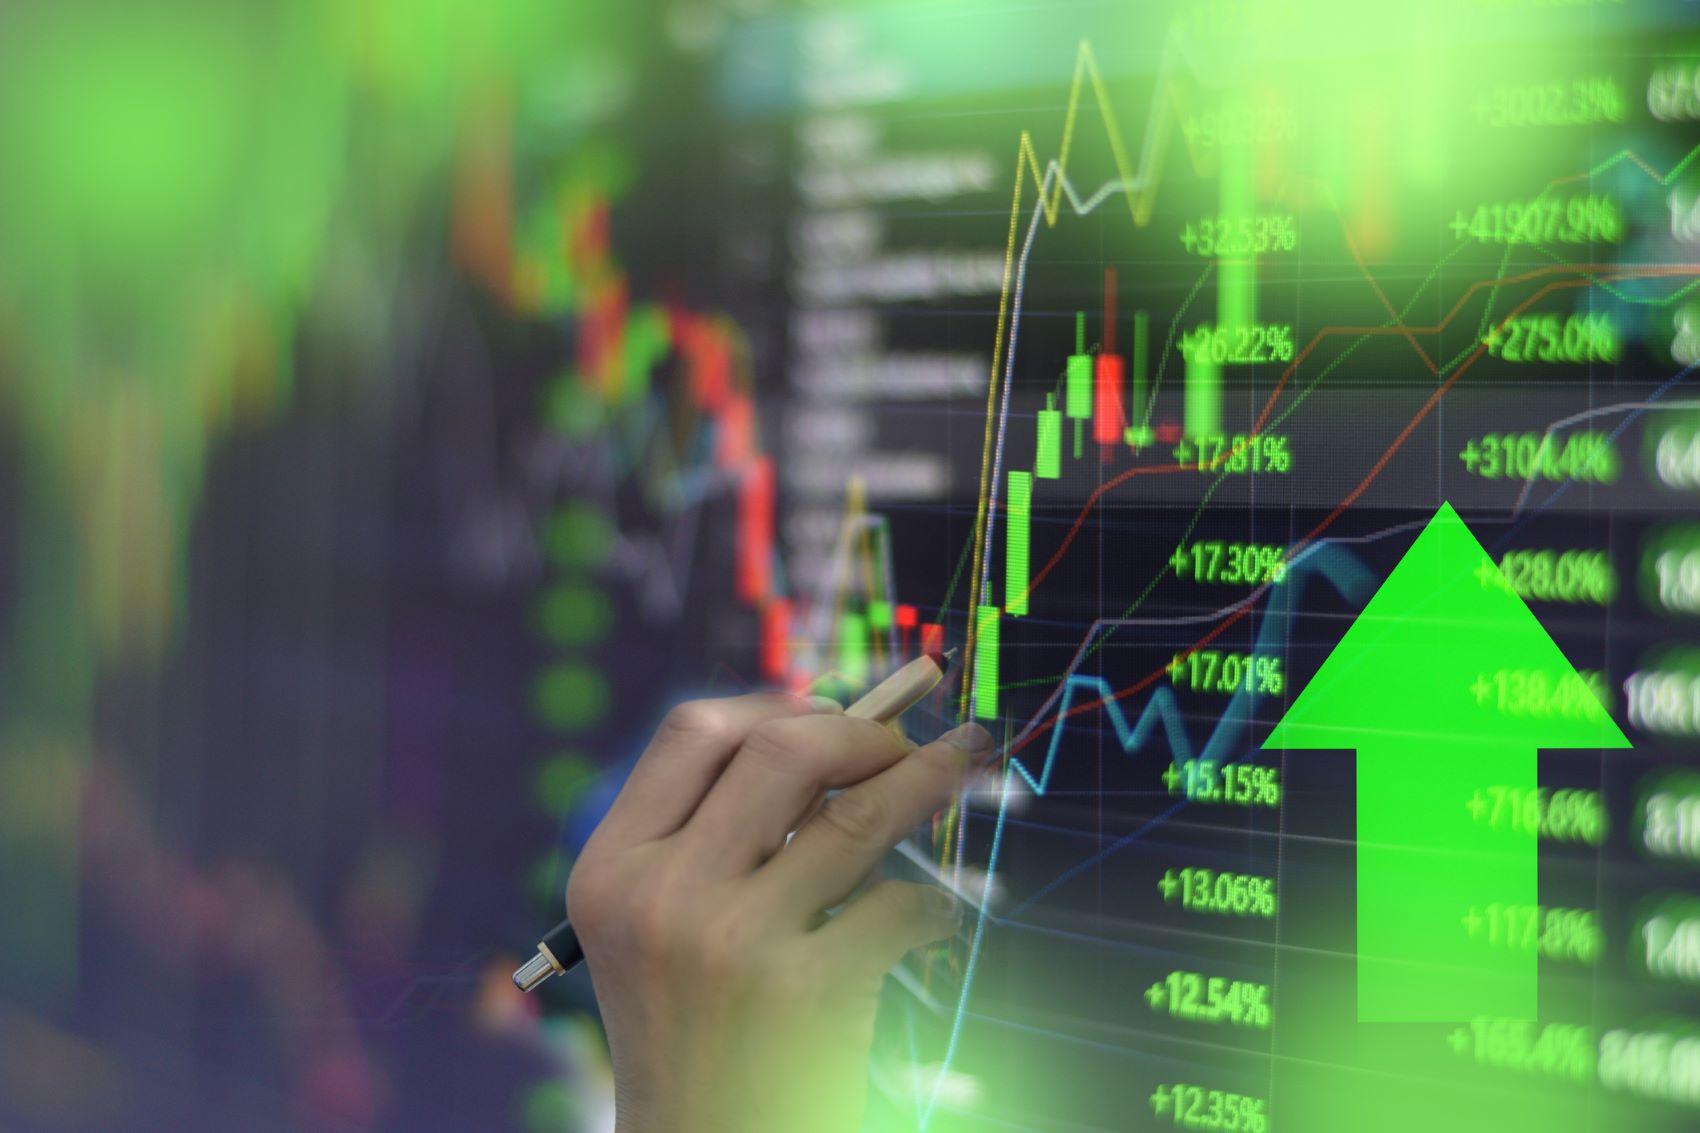 invistaja.info - Ibovespa futuro destoa do exterior e cai mais de 1%, com investidores de olho no fiscal; dólar sobe